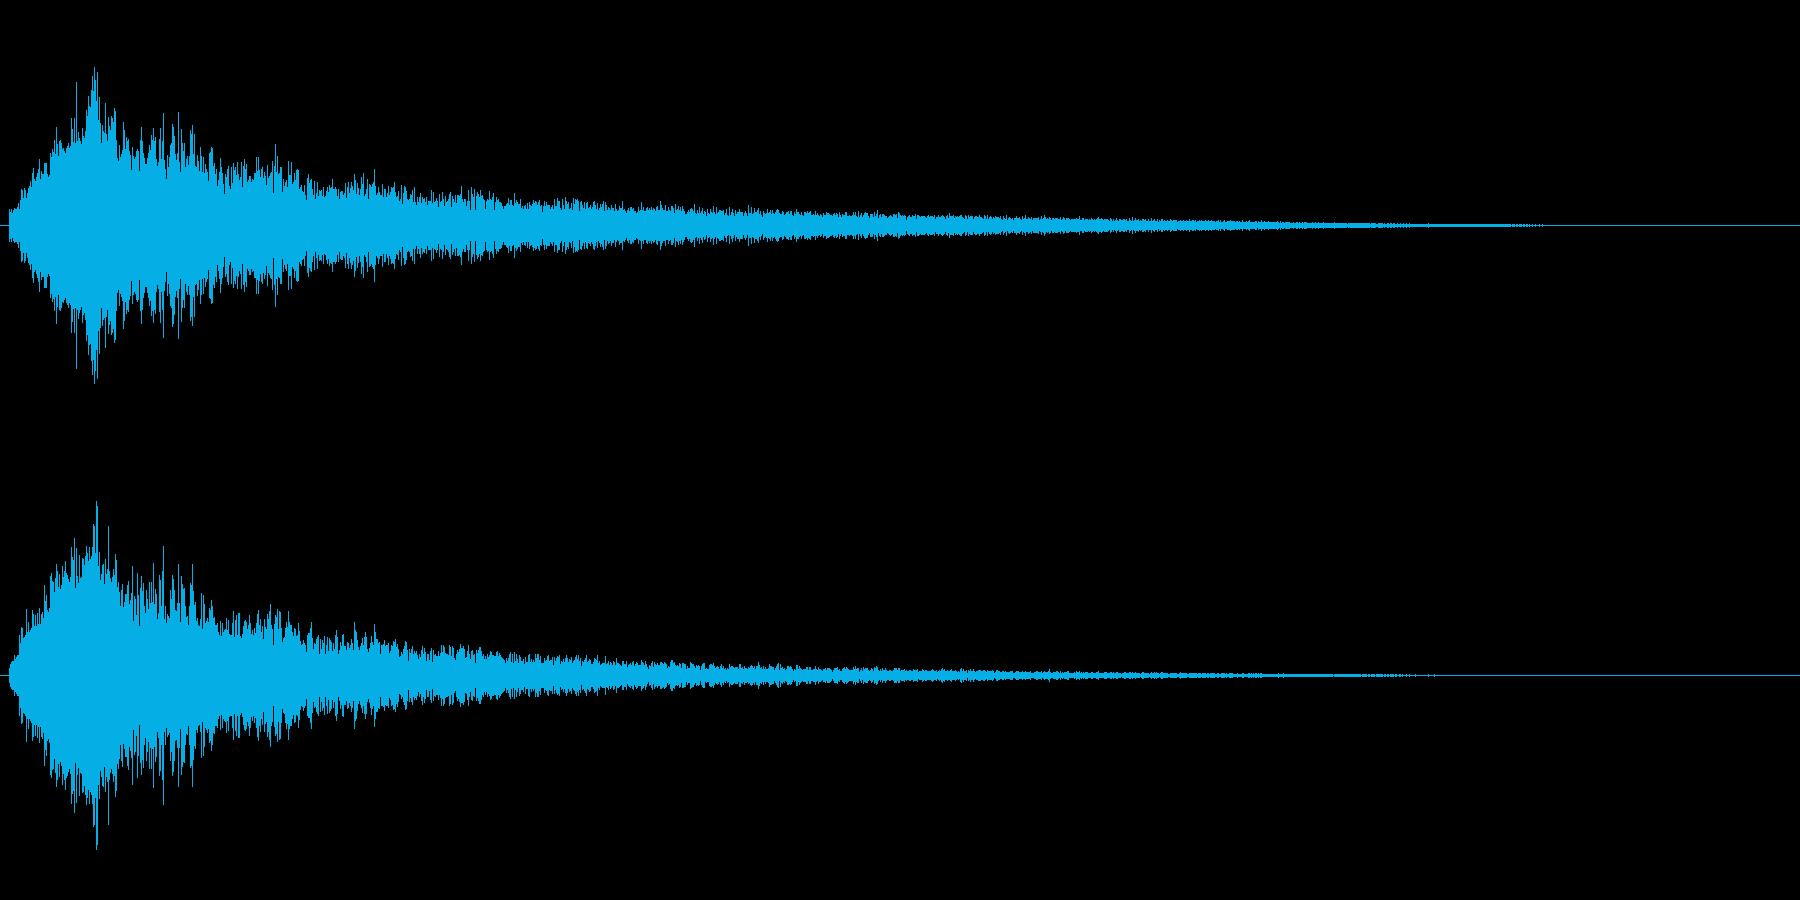 ゲームオーバーなどにの再生済みの波形